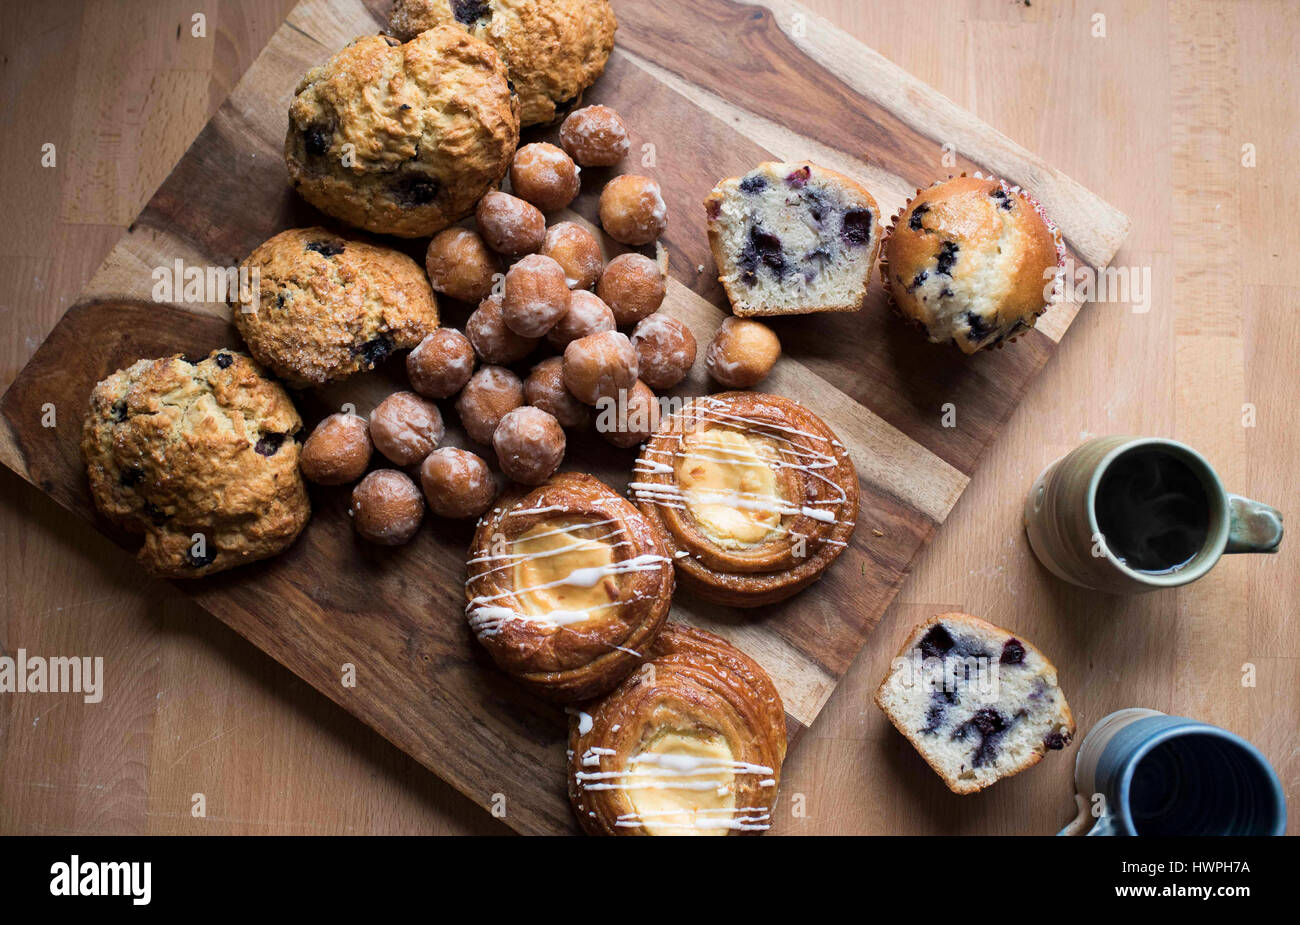 Angolo di alta vista di cibo dolce con caffè sul tavolo in legno Immagini Stock